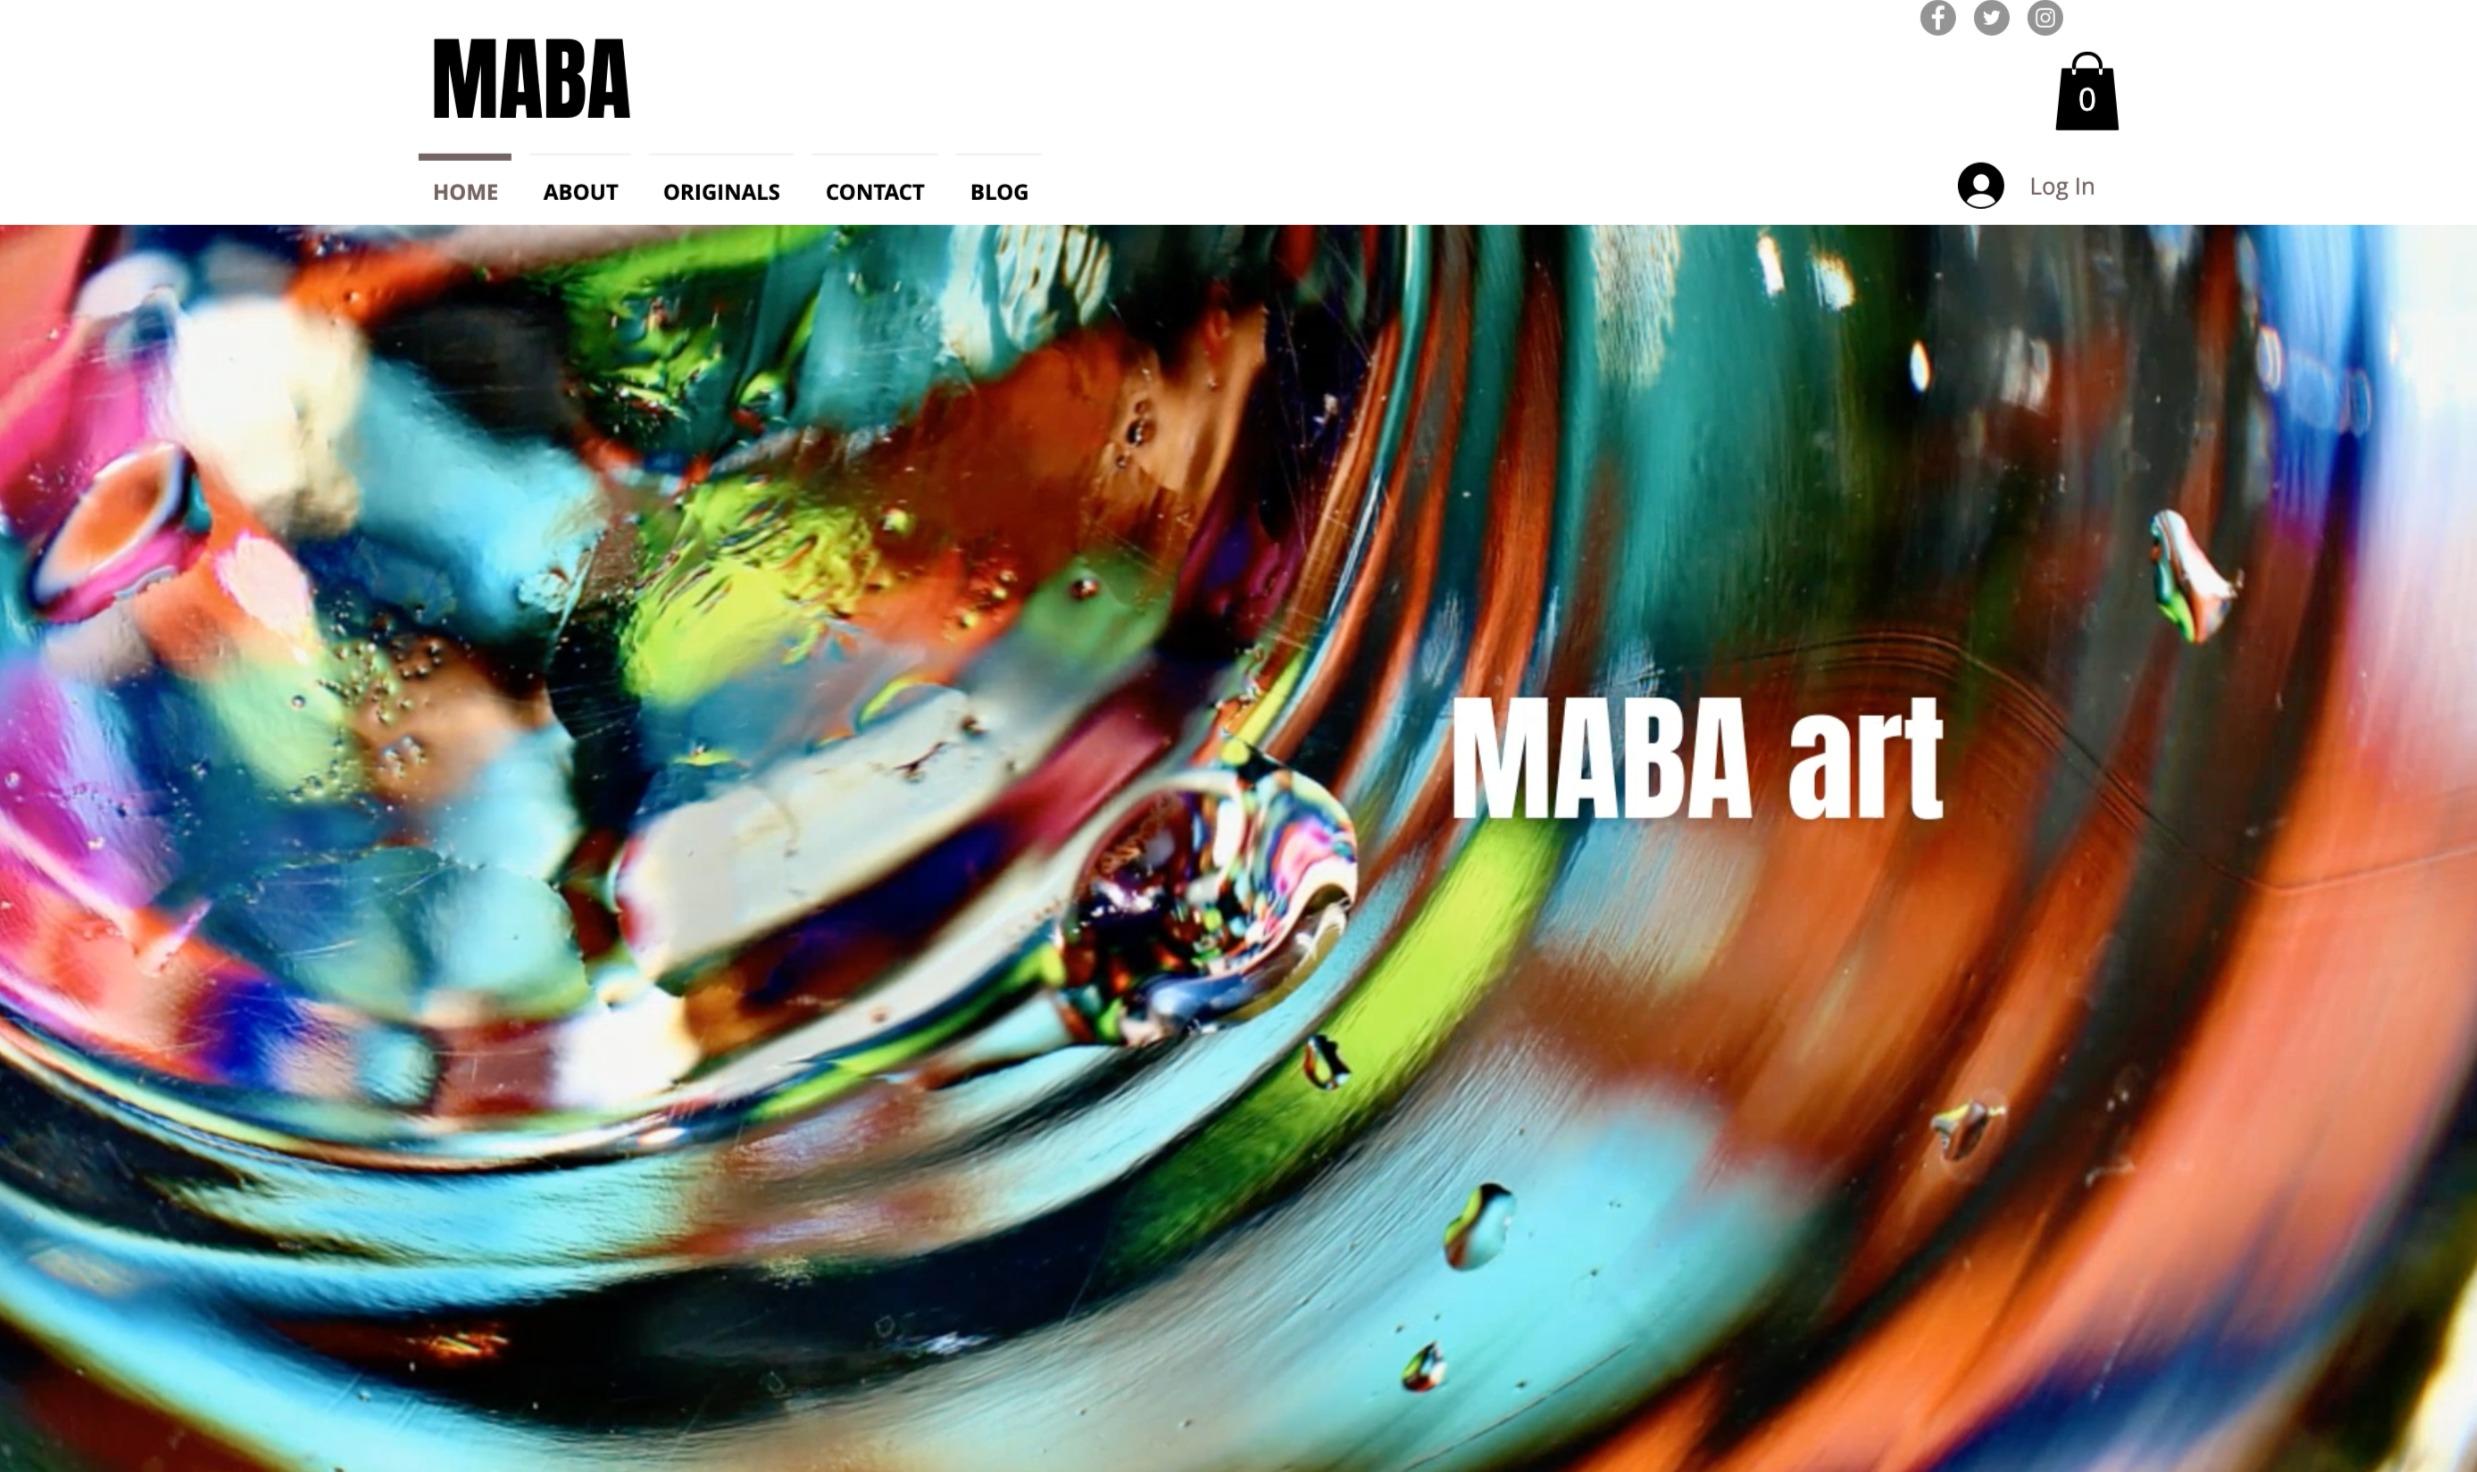 MABA art